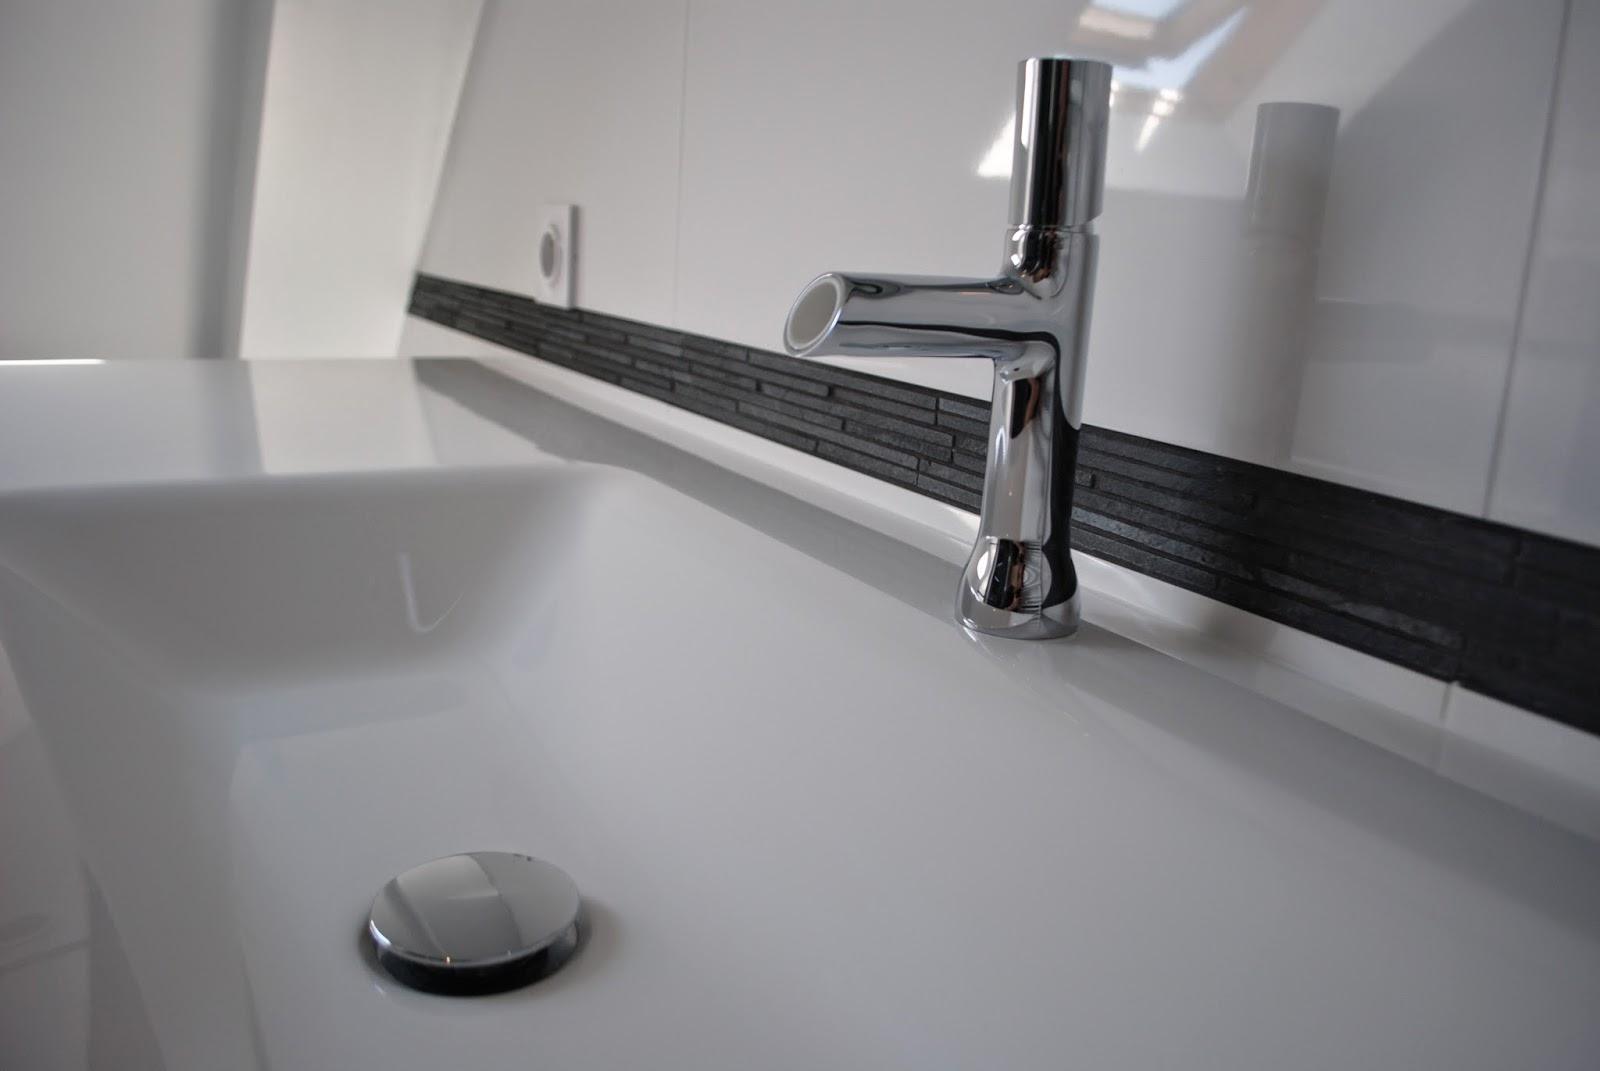 #60626B CREATION DE SALLES DE BAINS DOUCHE A L' ITALIENNE ET  2743 petite salle de bain haut de gamme 1600x1071 px @ aertt.com